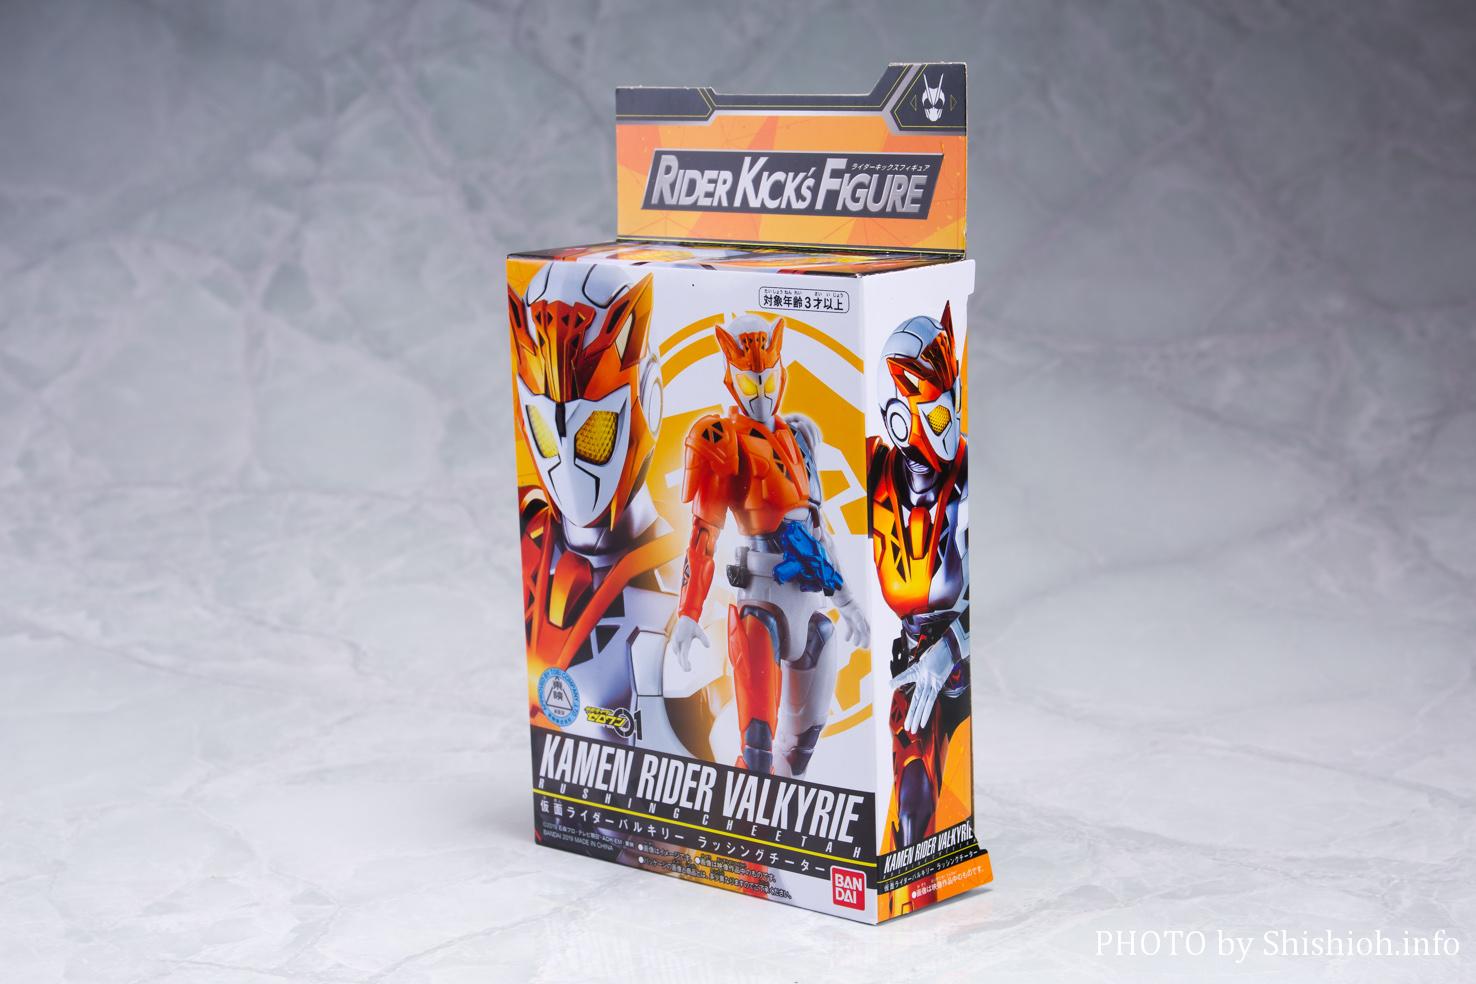 RKF 仮面ライダーバルキリー ラッシングチーター